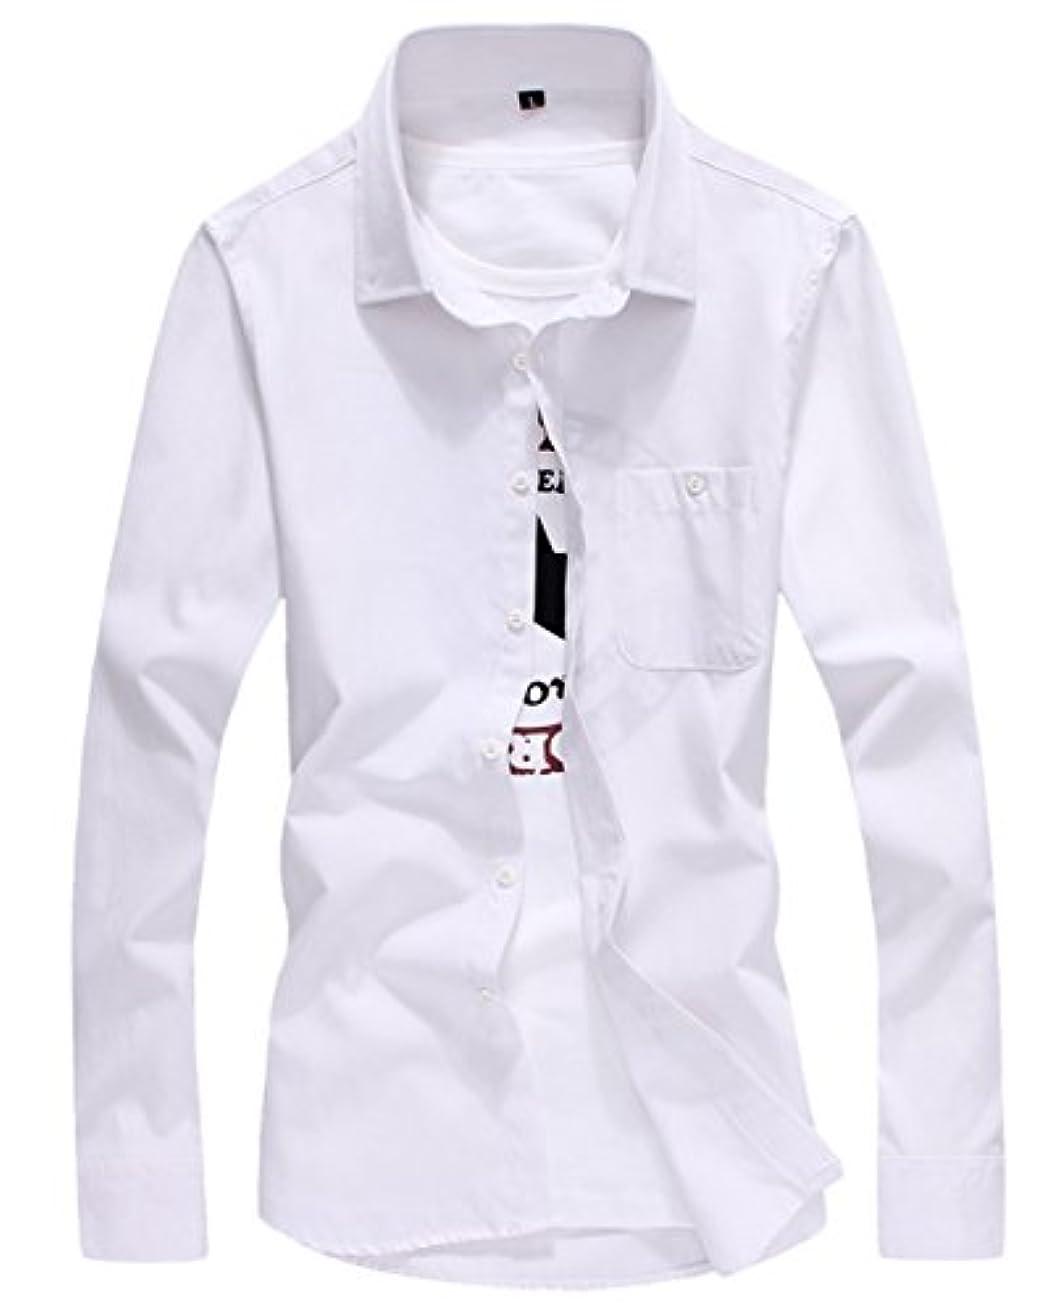 影パン屋悲しみ[スゴフィ]SGFY ドレスシャツ メンズ 長袖 スリム ビジネス カジュアル シンプル おしゃれ 襟付き カッターシャツ フィット 無地 8色展開 (3XL, ホワイト)